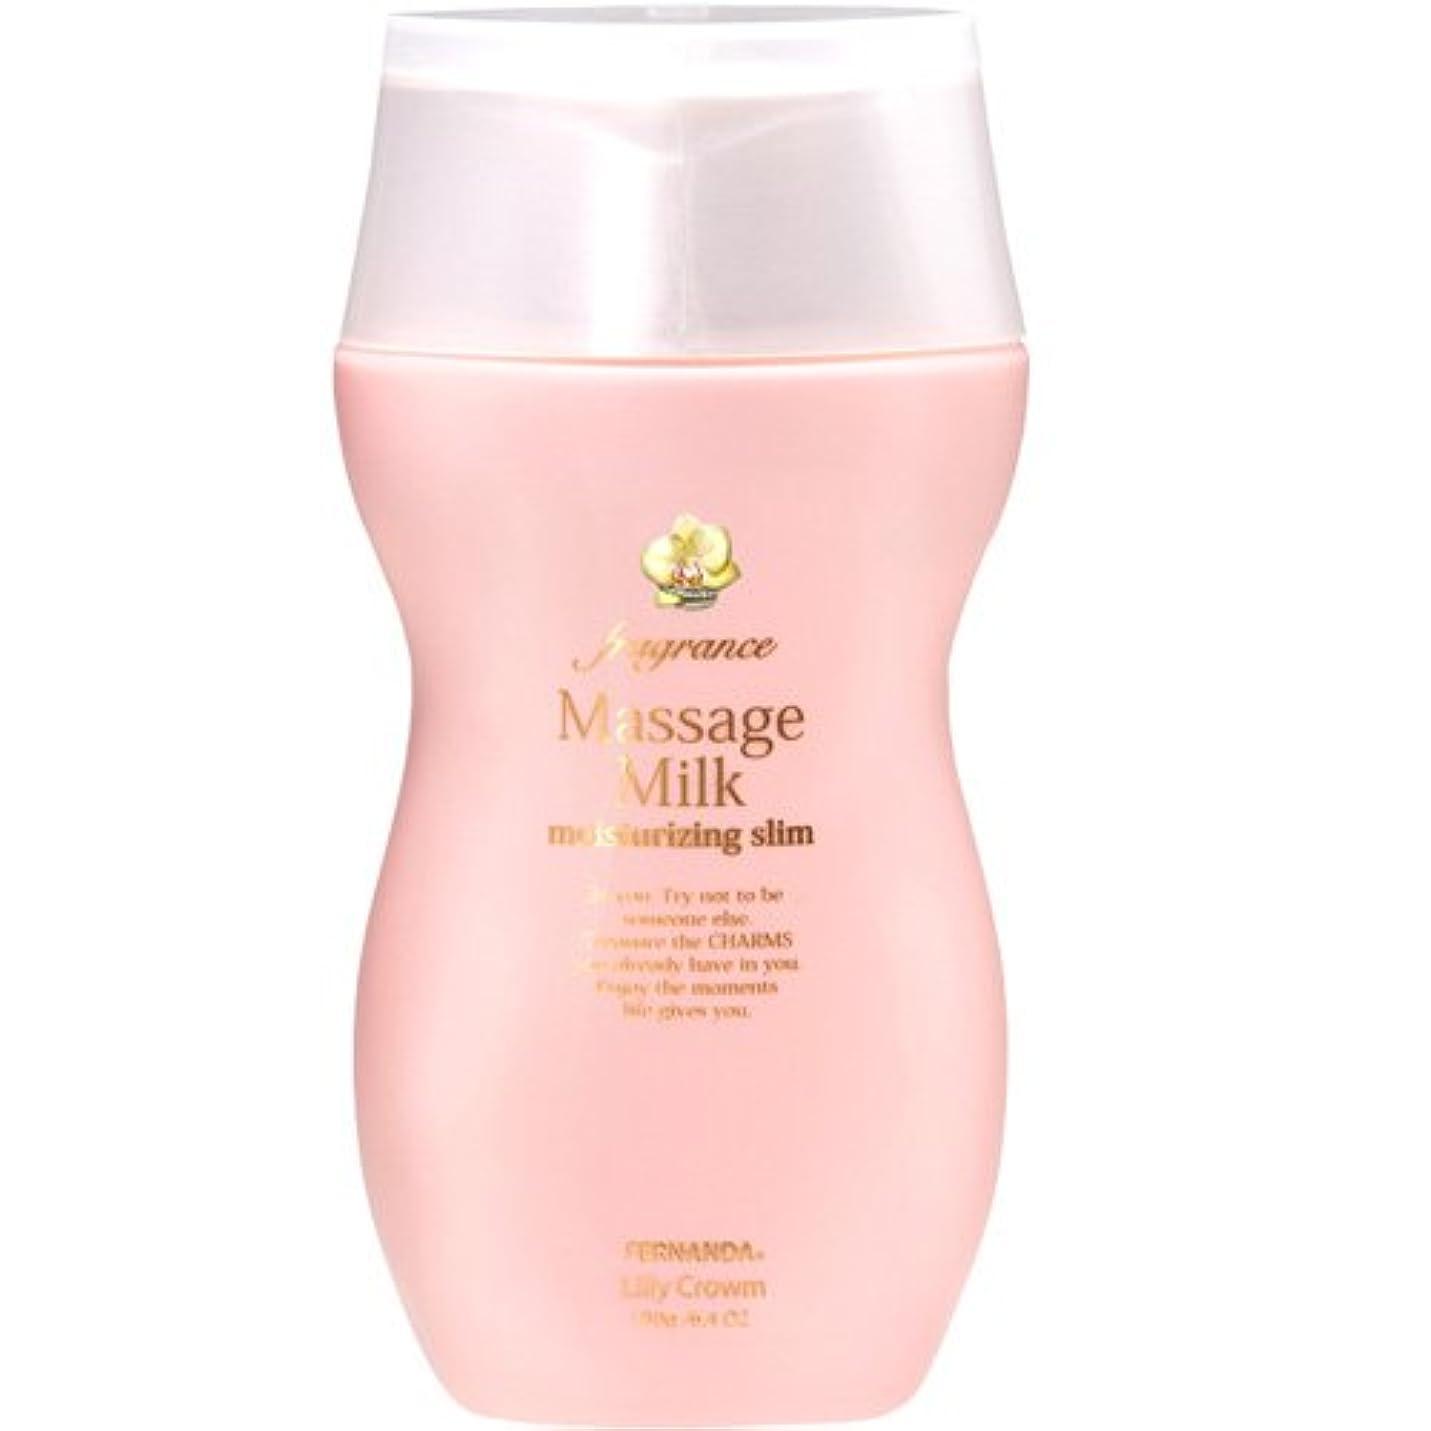 コントローラ謙虚結婚FERNANDA(フェルナンダ) Massage Milk Lilly Crown (マッサージミルク リリークラウン)